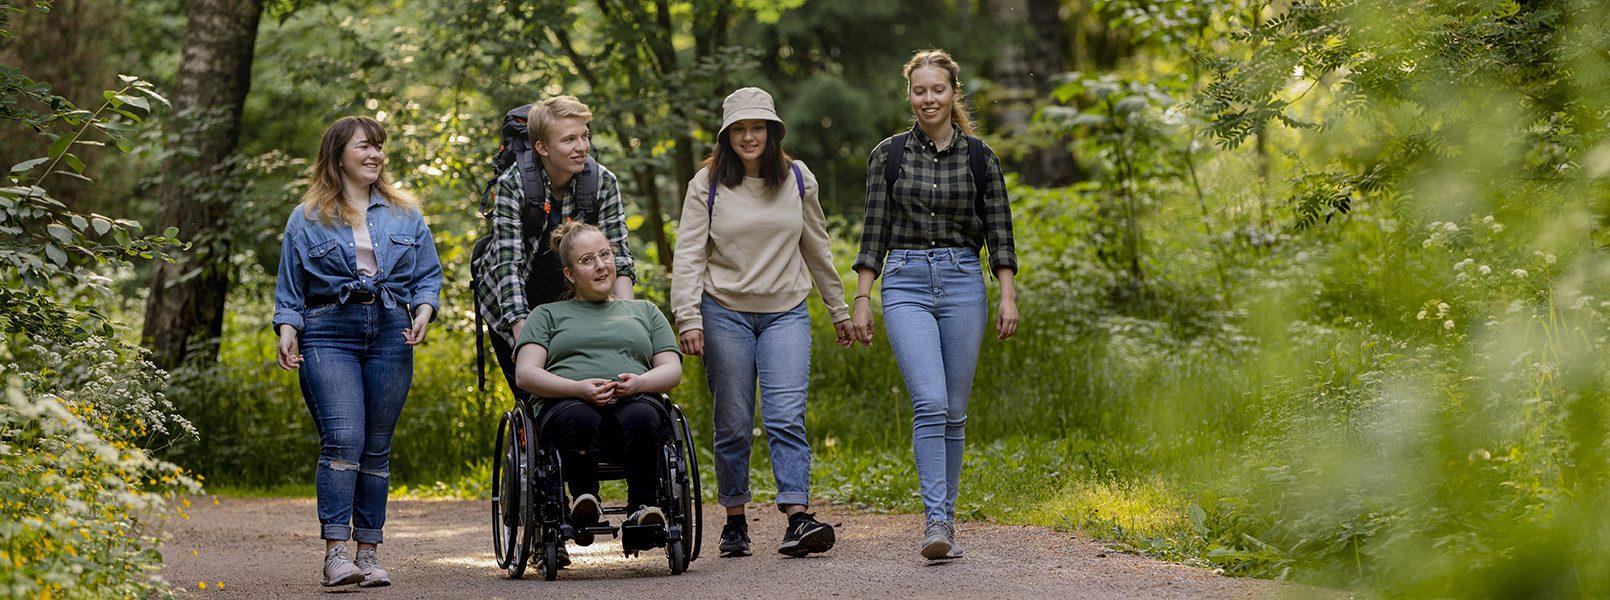 Viisi nuorta lähdössä luontoretkelle, kävelevät soratietä pitkin.